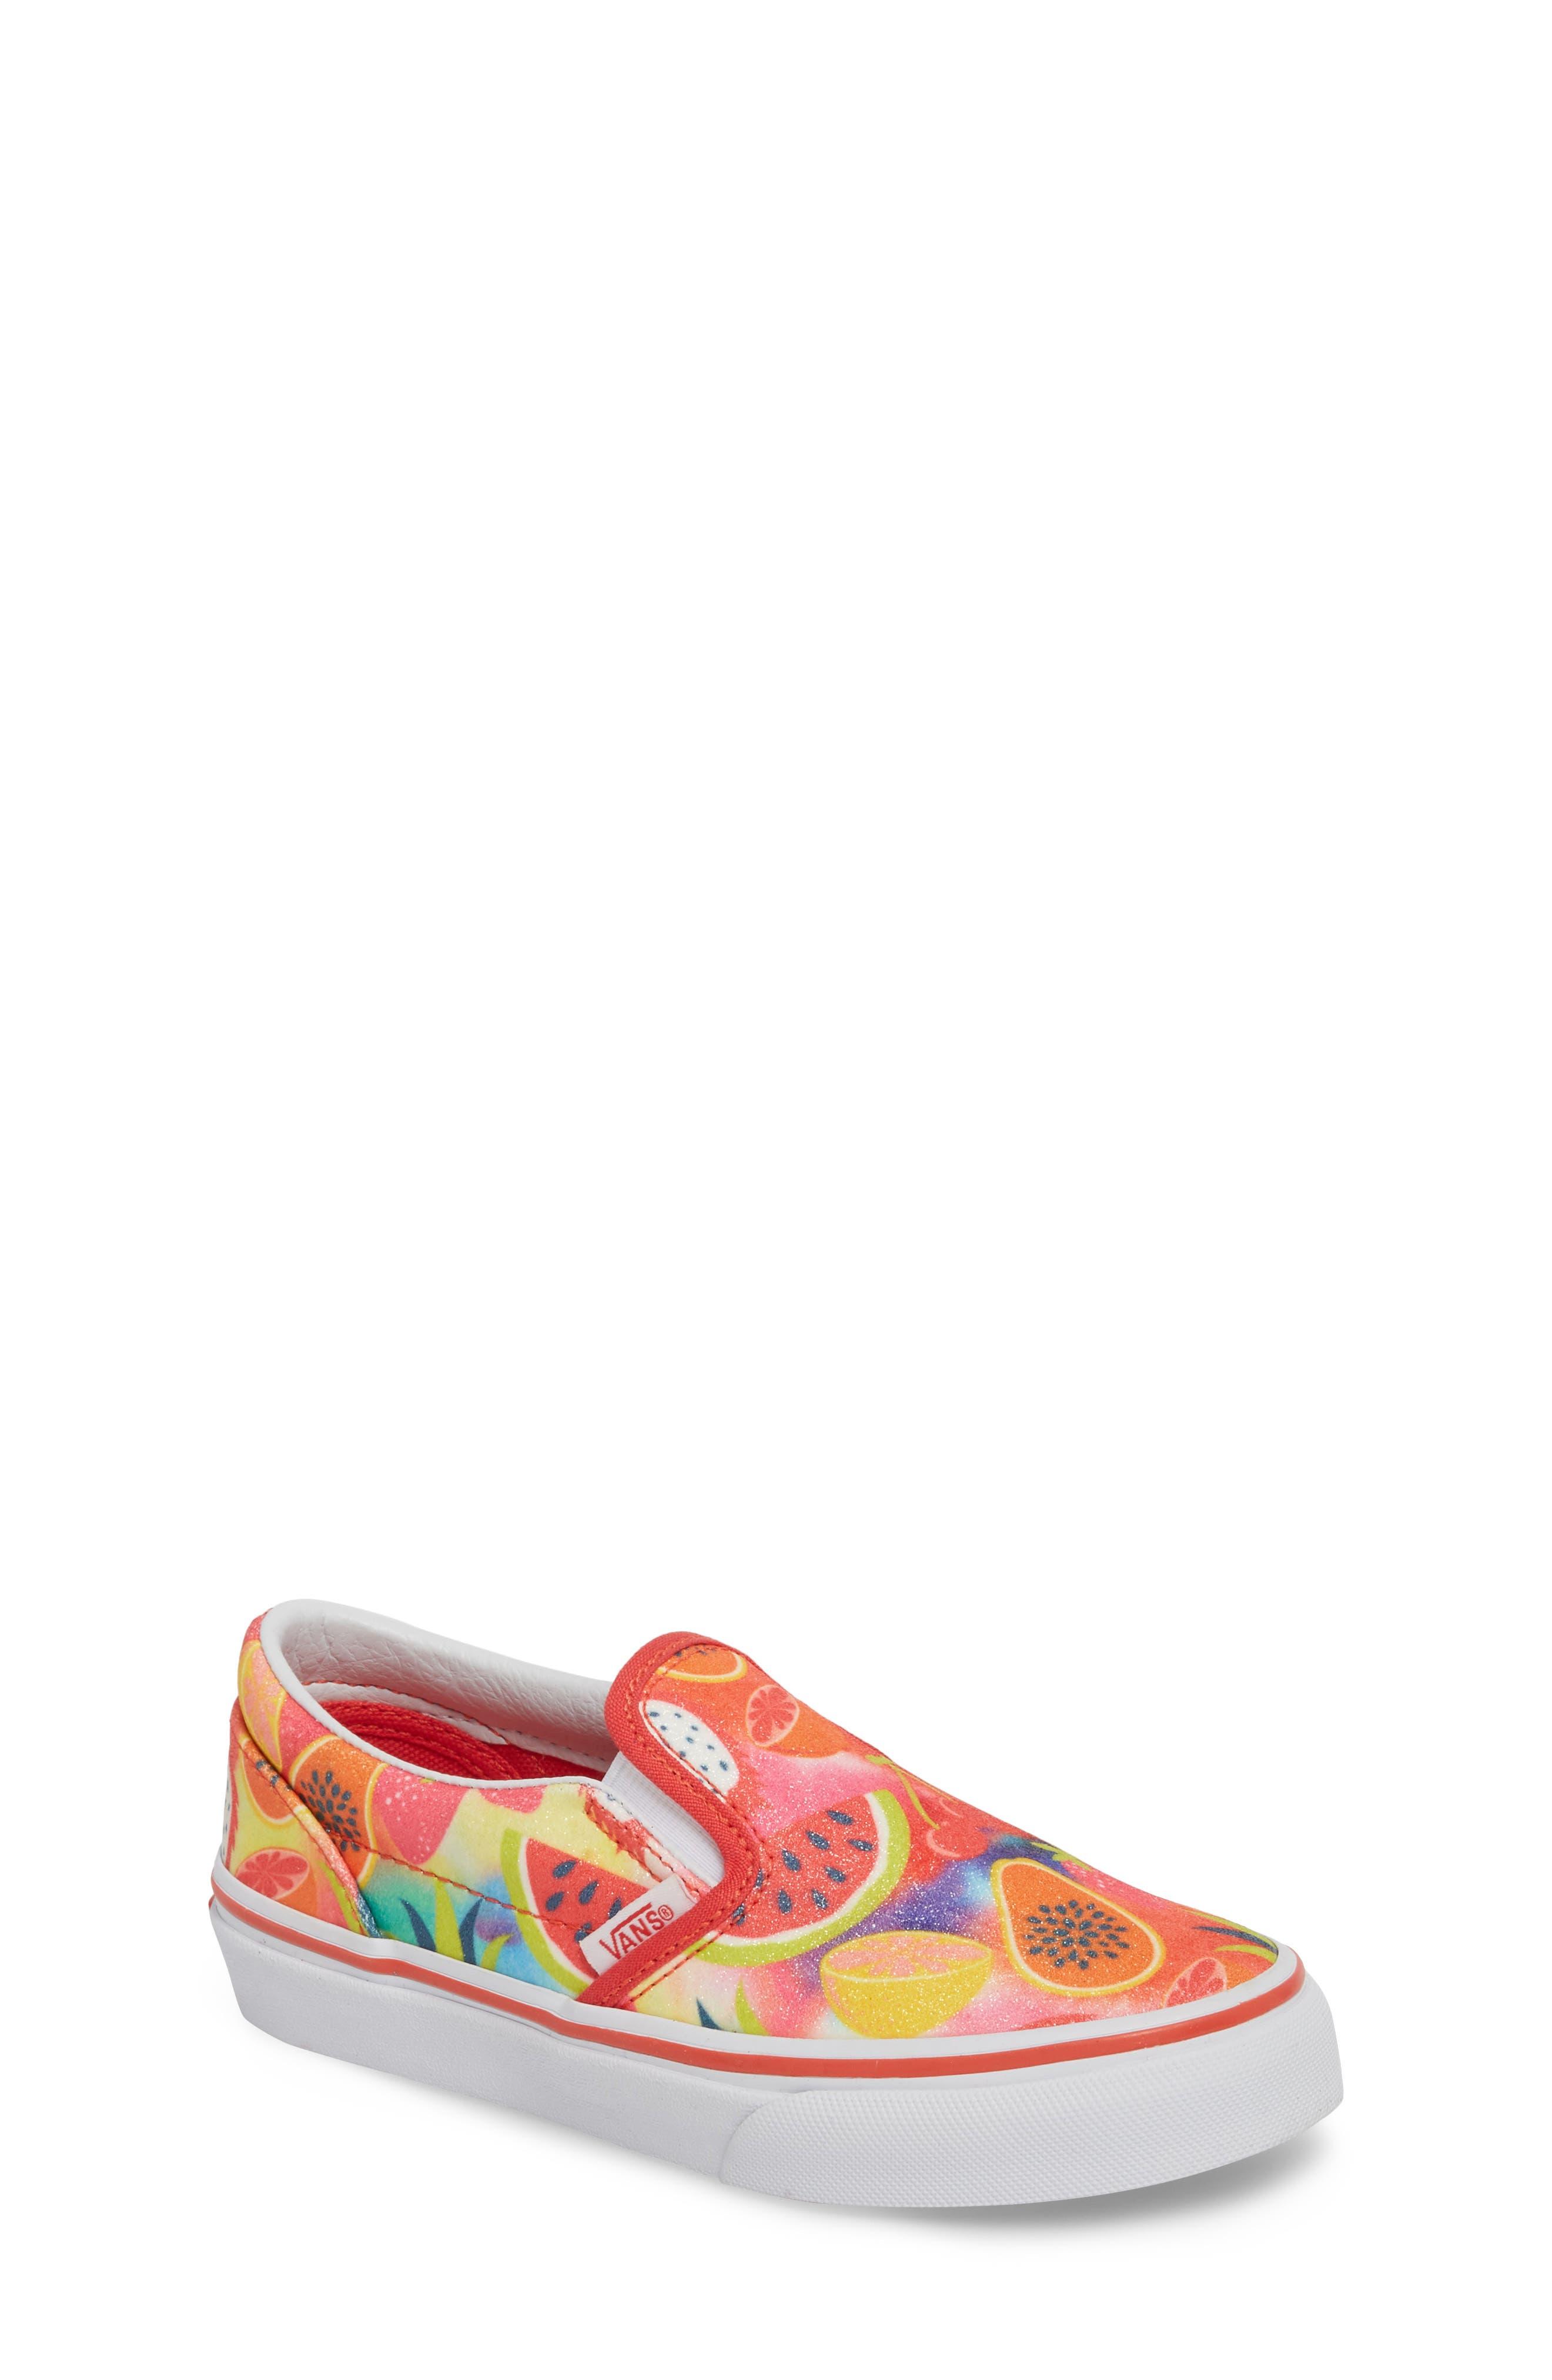 Classic Glitter Fruit Slip-On Sneaker,                             Main thumbnail 1, color,                             600